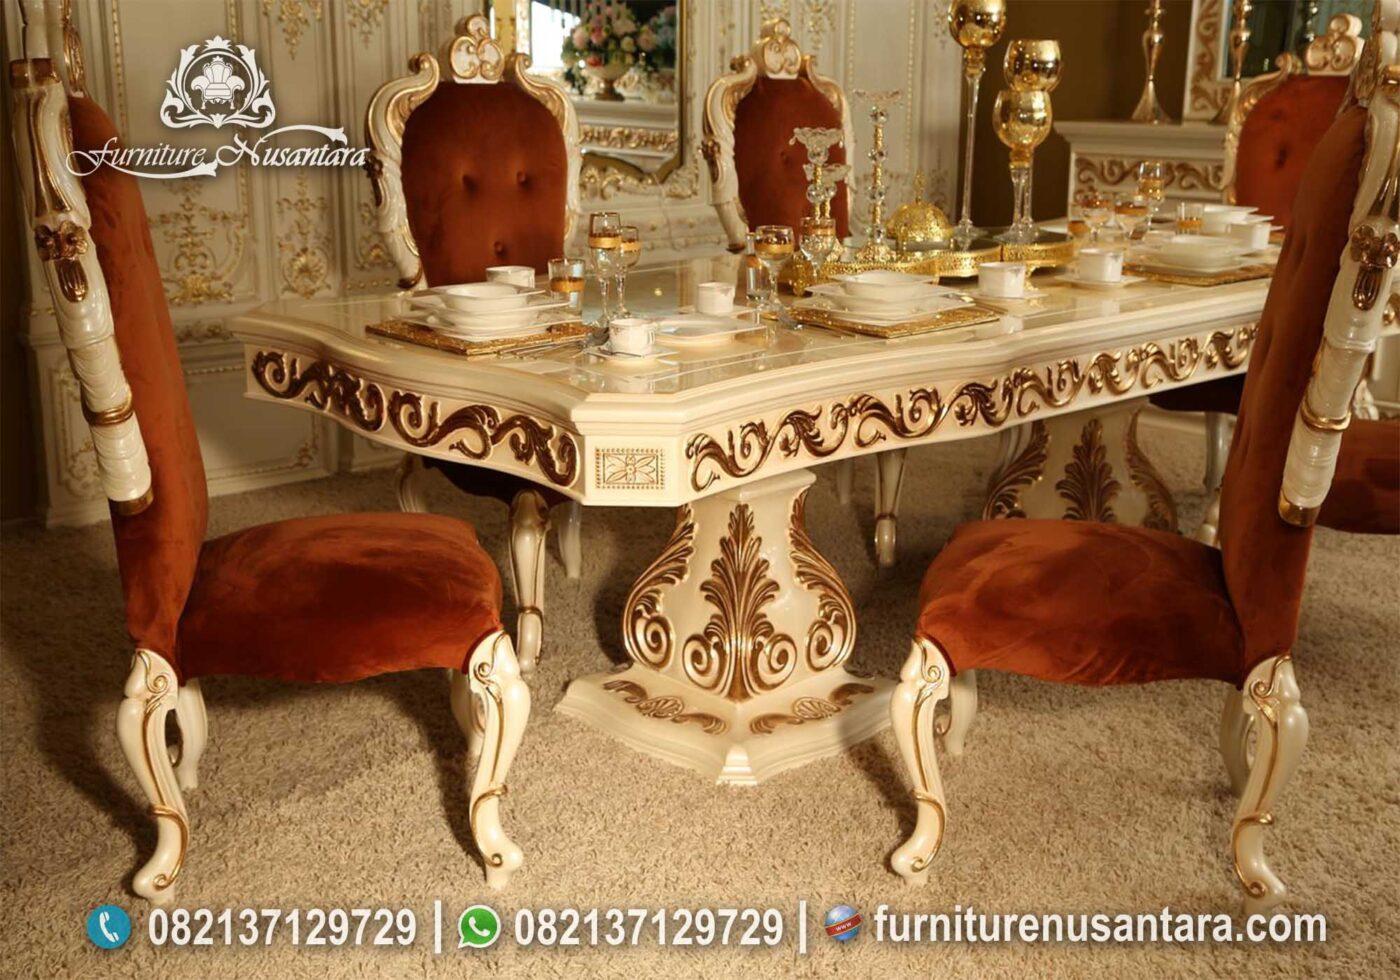 Harga Meja Makan Kualitas Terbaik MM-02, Furniture Nusantara